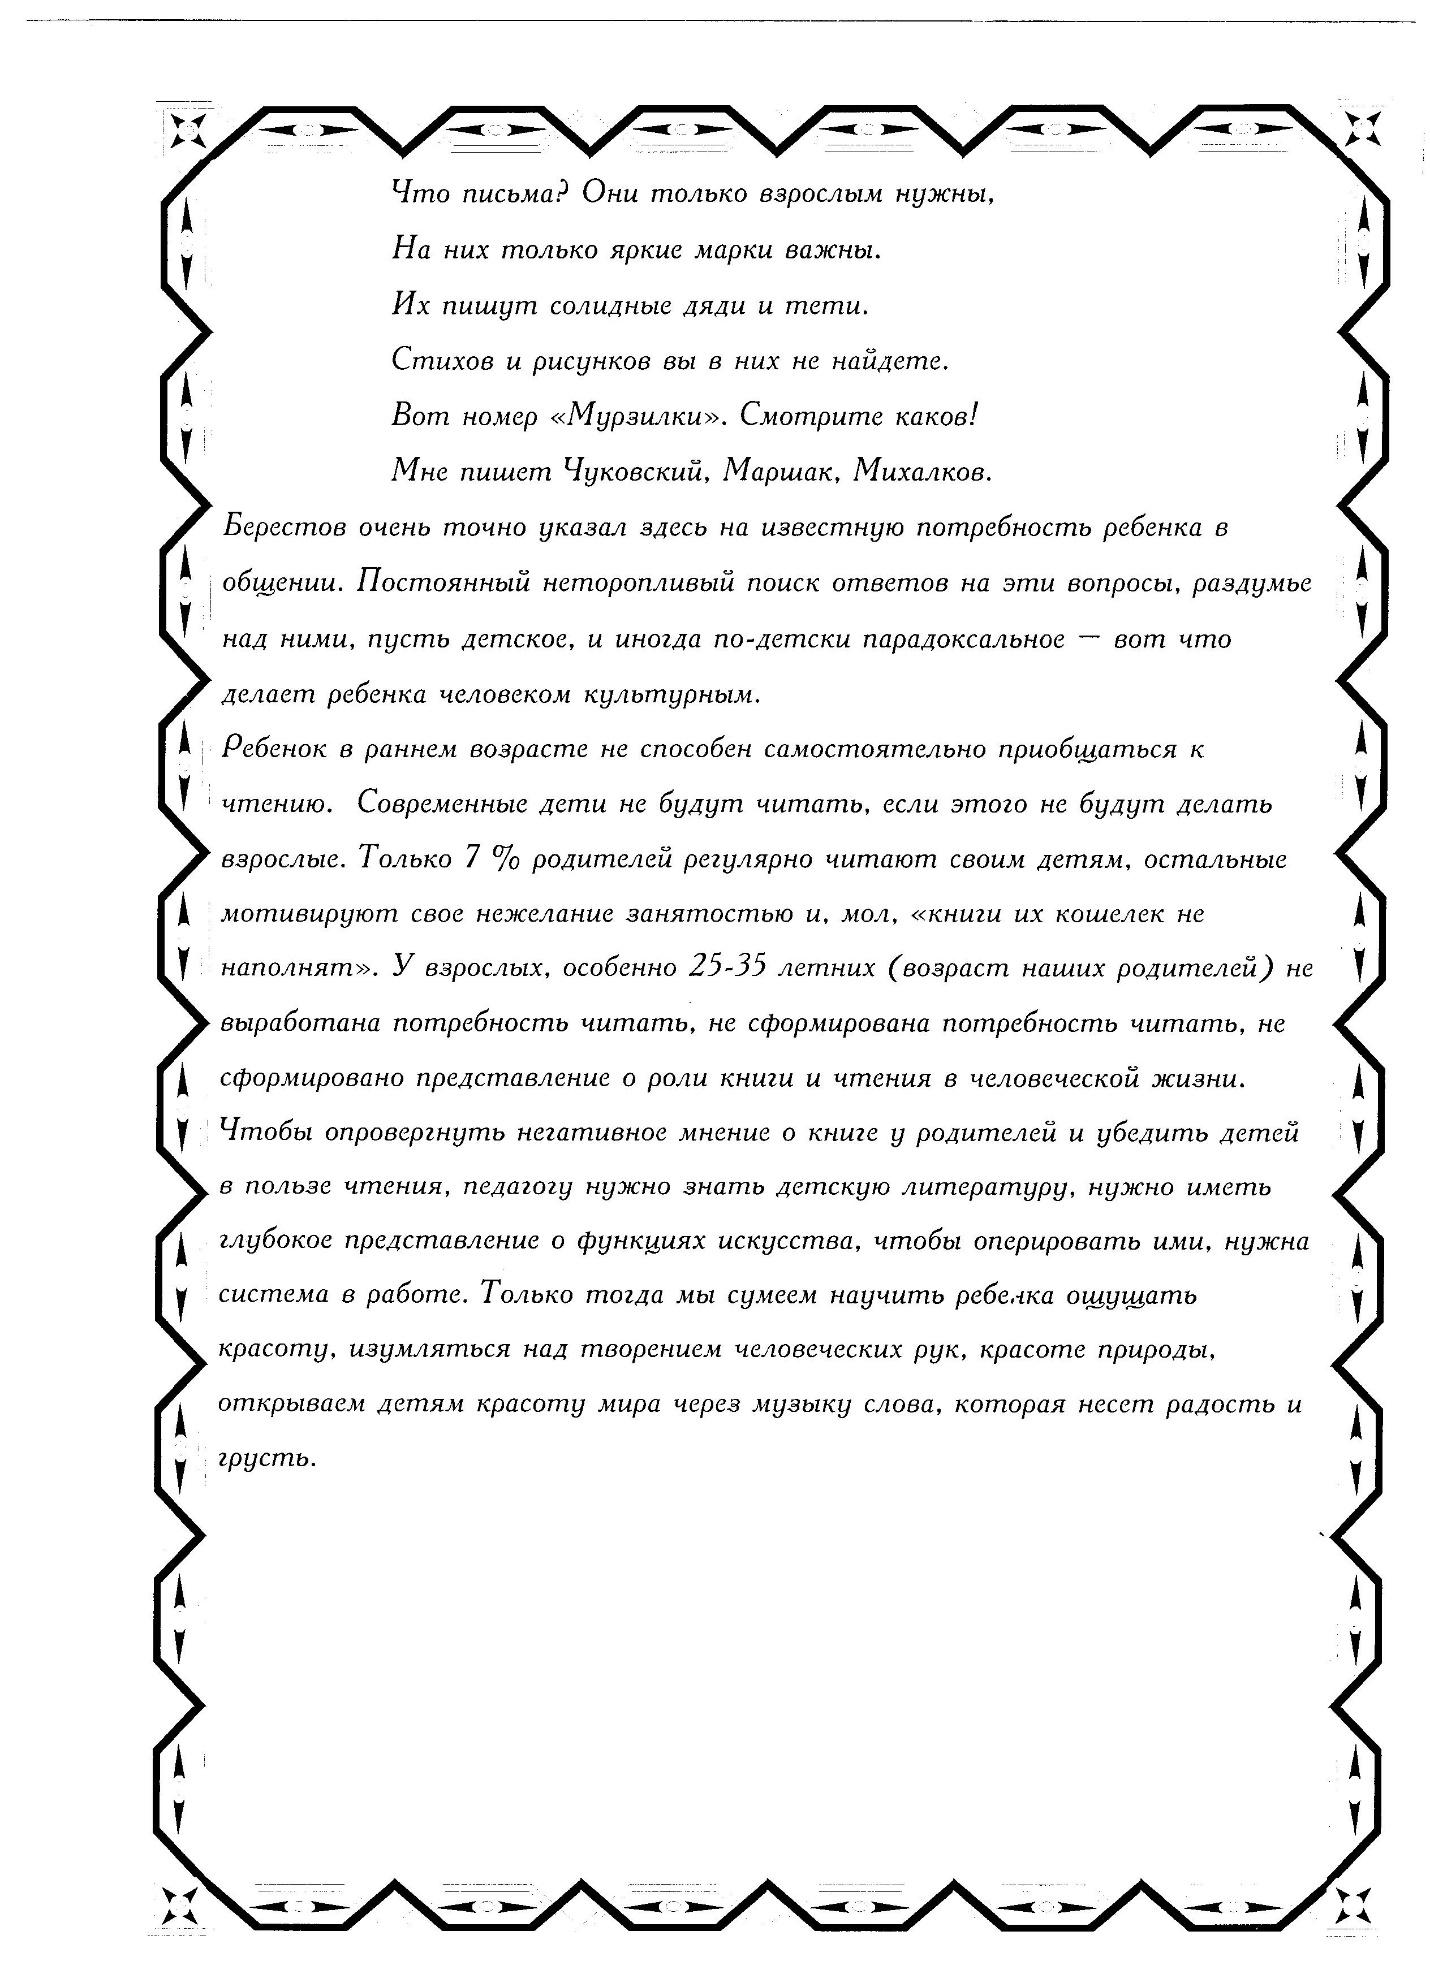 C:\Users\Ольга\Pictures\2014-08-11\005.jpg